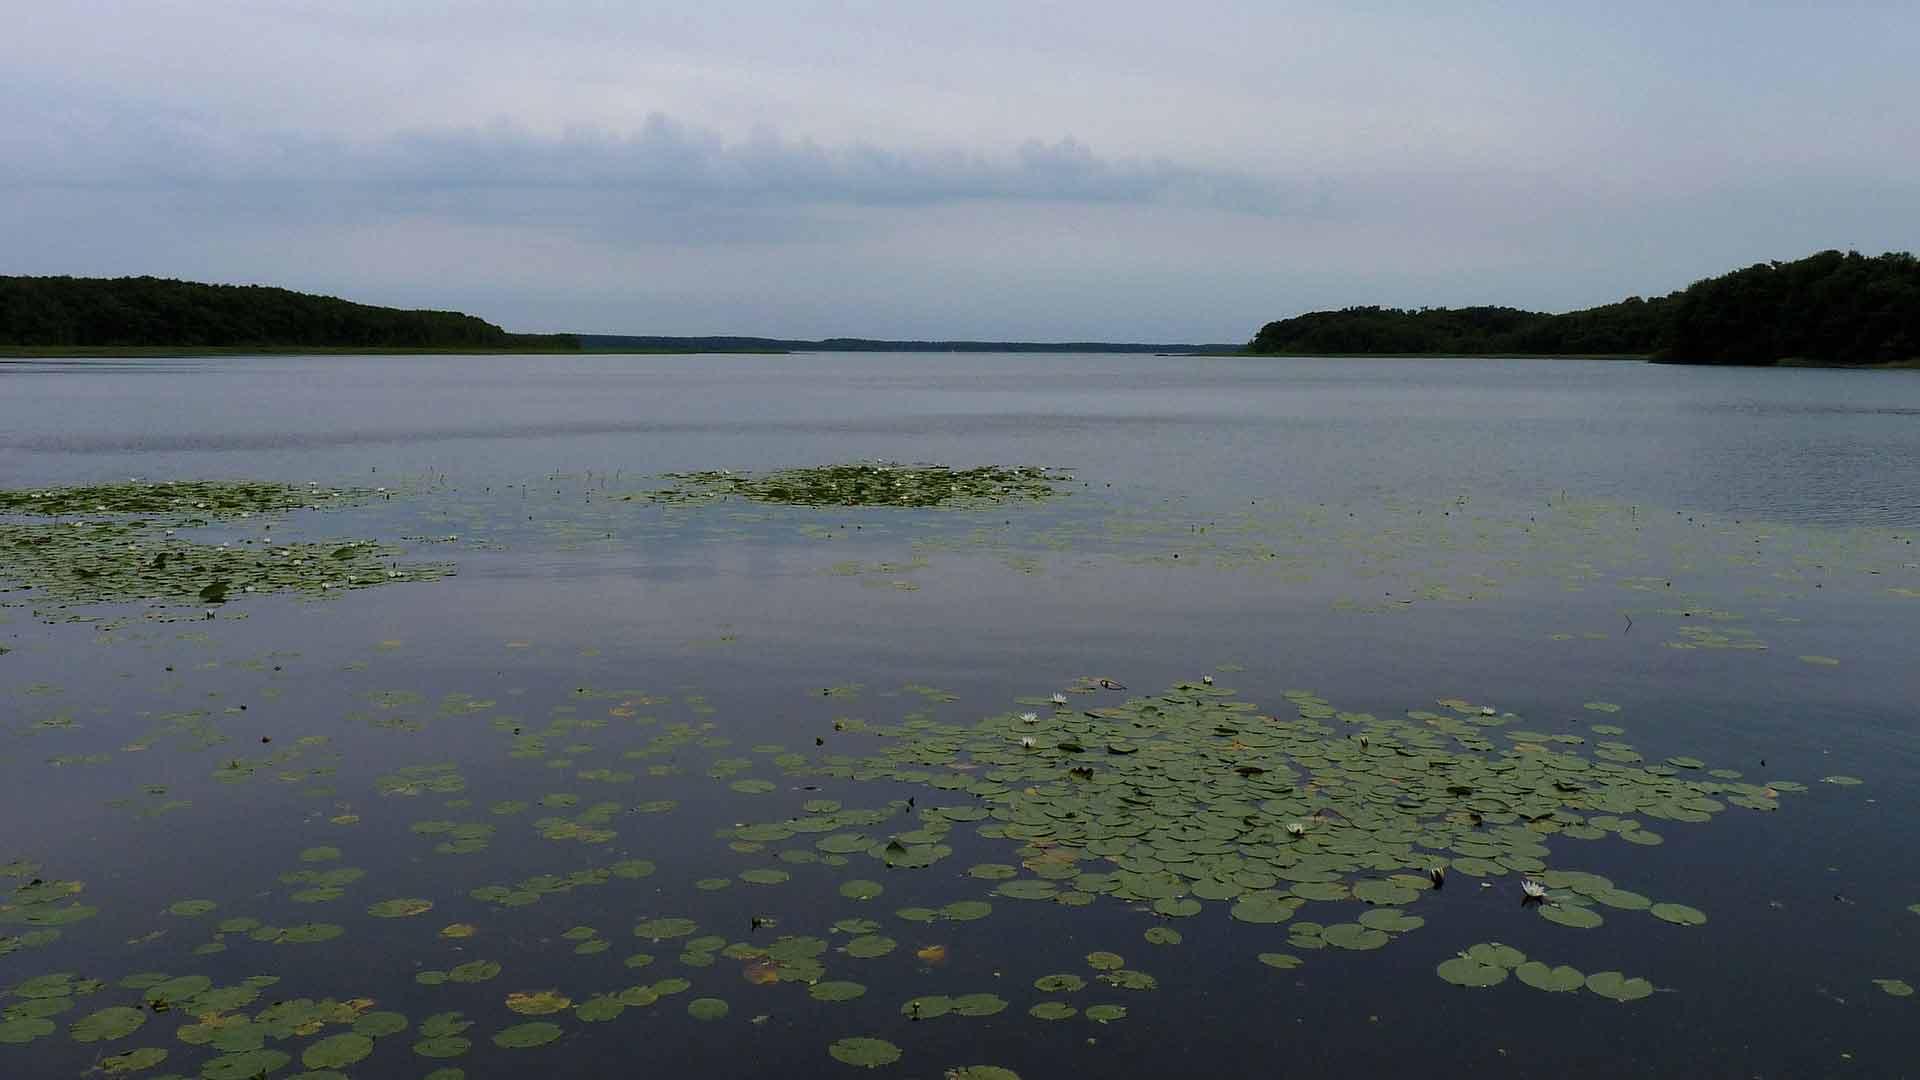 De regio wordt niet voor niets het land van de 1000 meren genoemd.